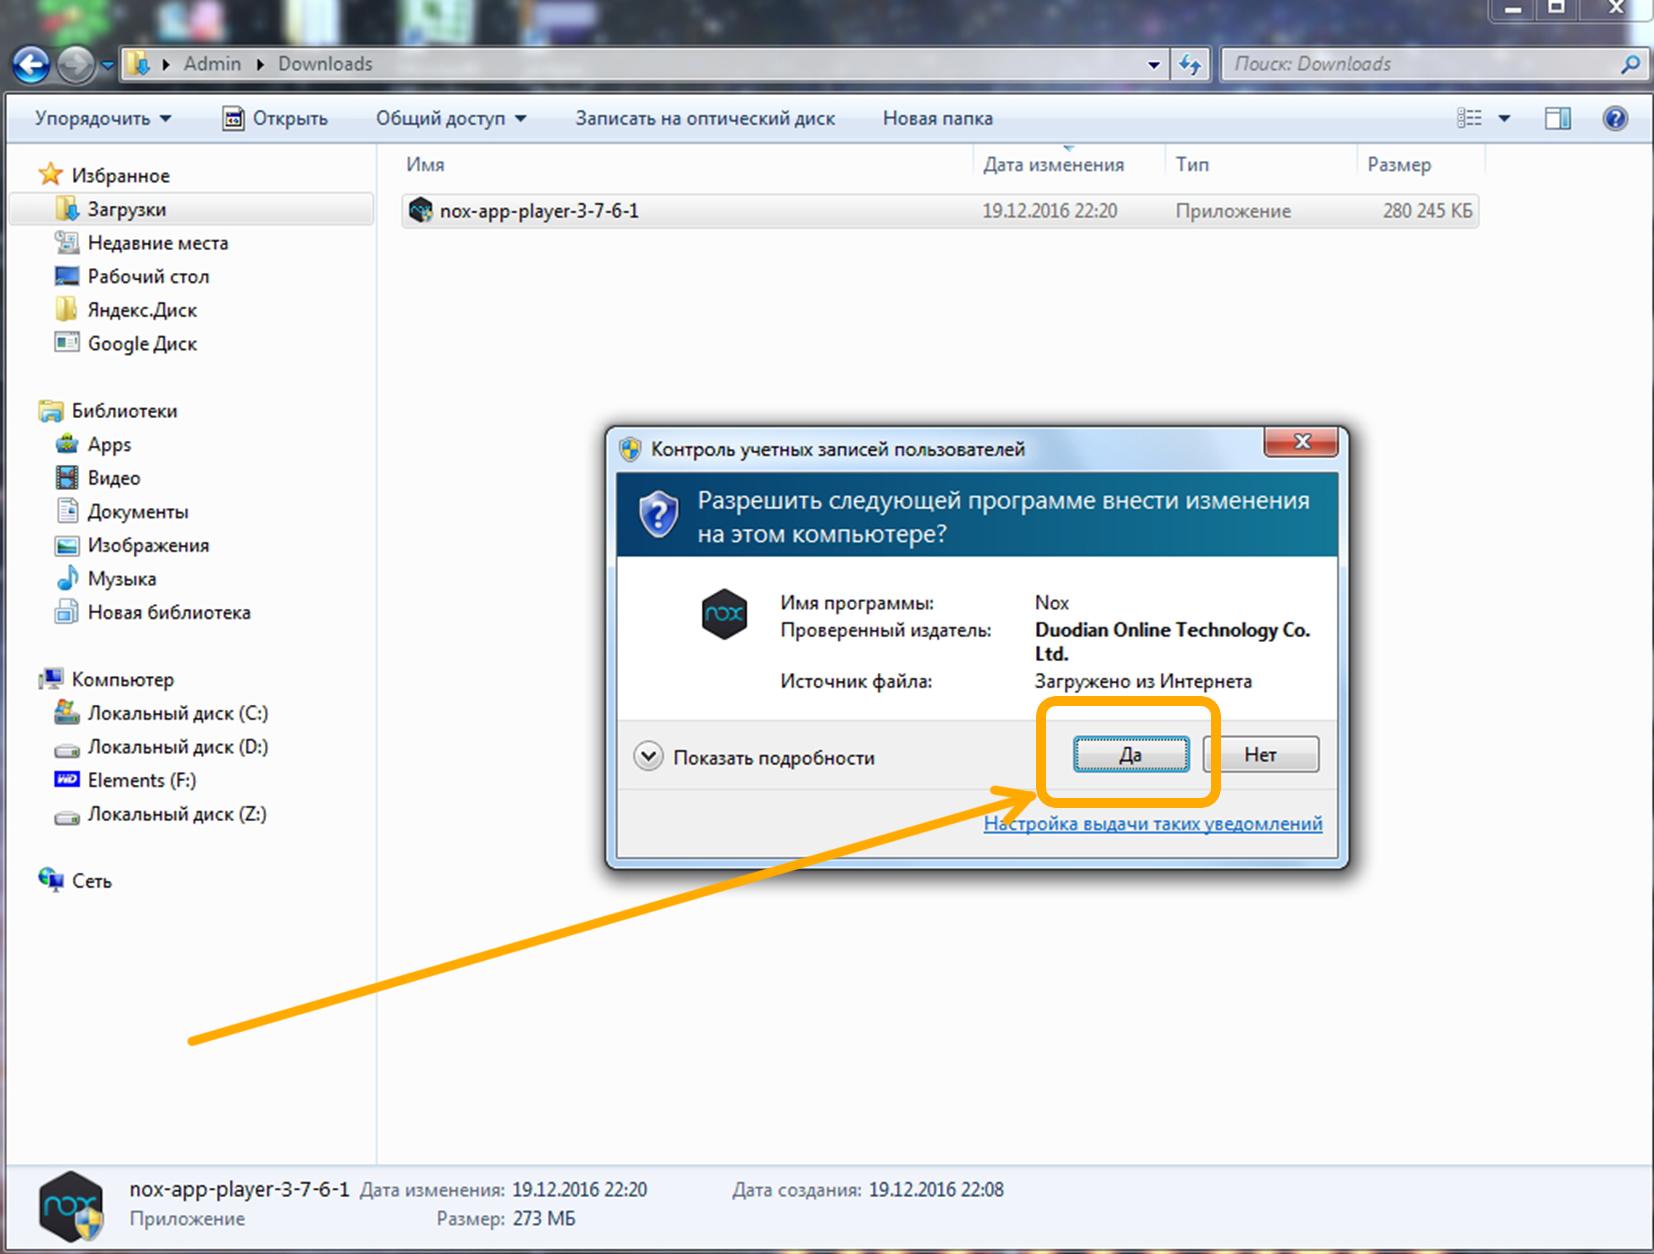 Системное окно безопасности, в котором нужно подтвердить начало установки эмулятора